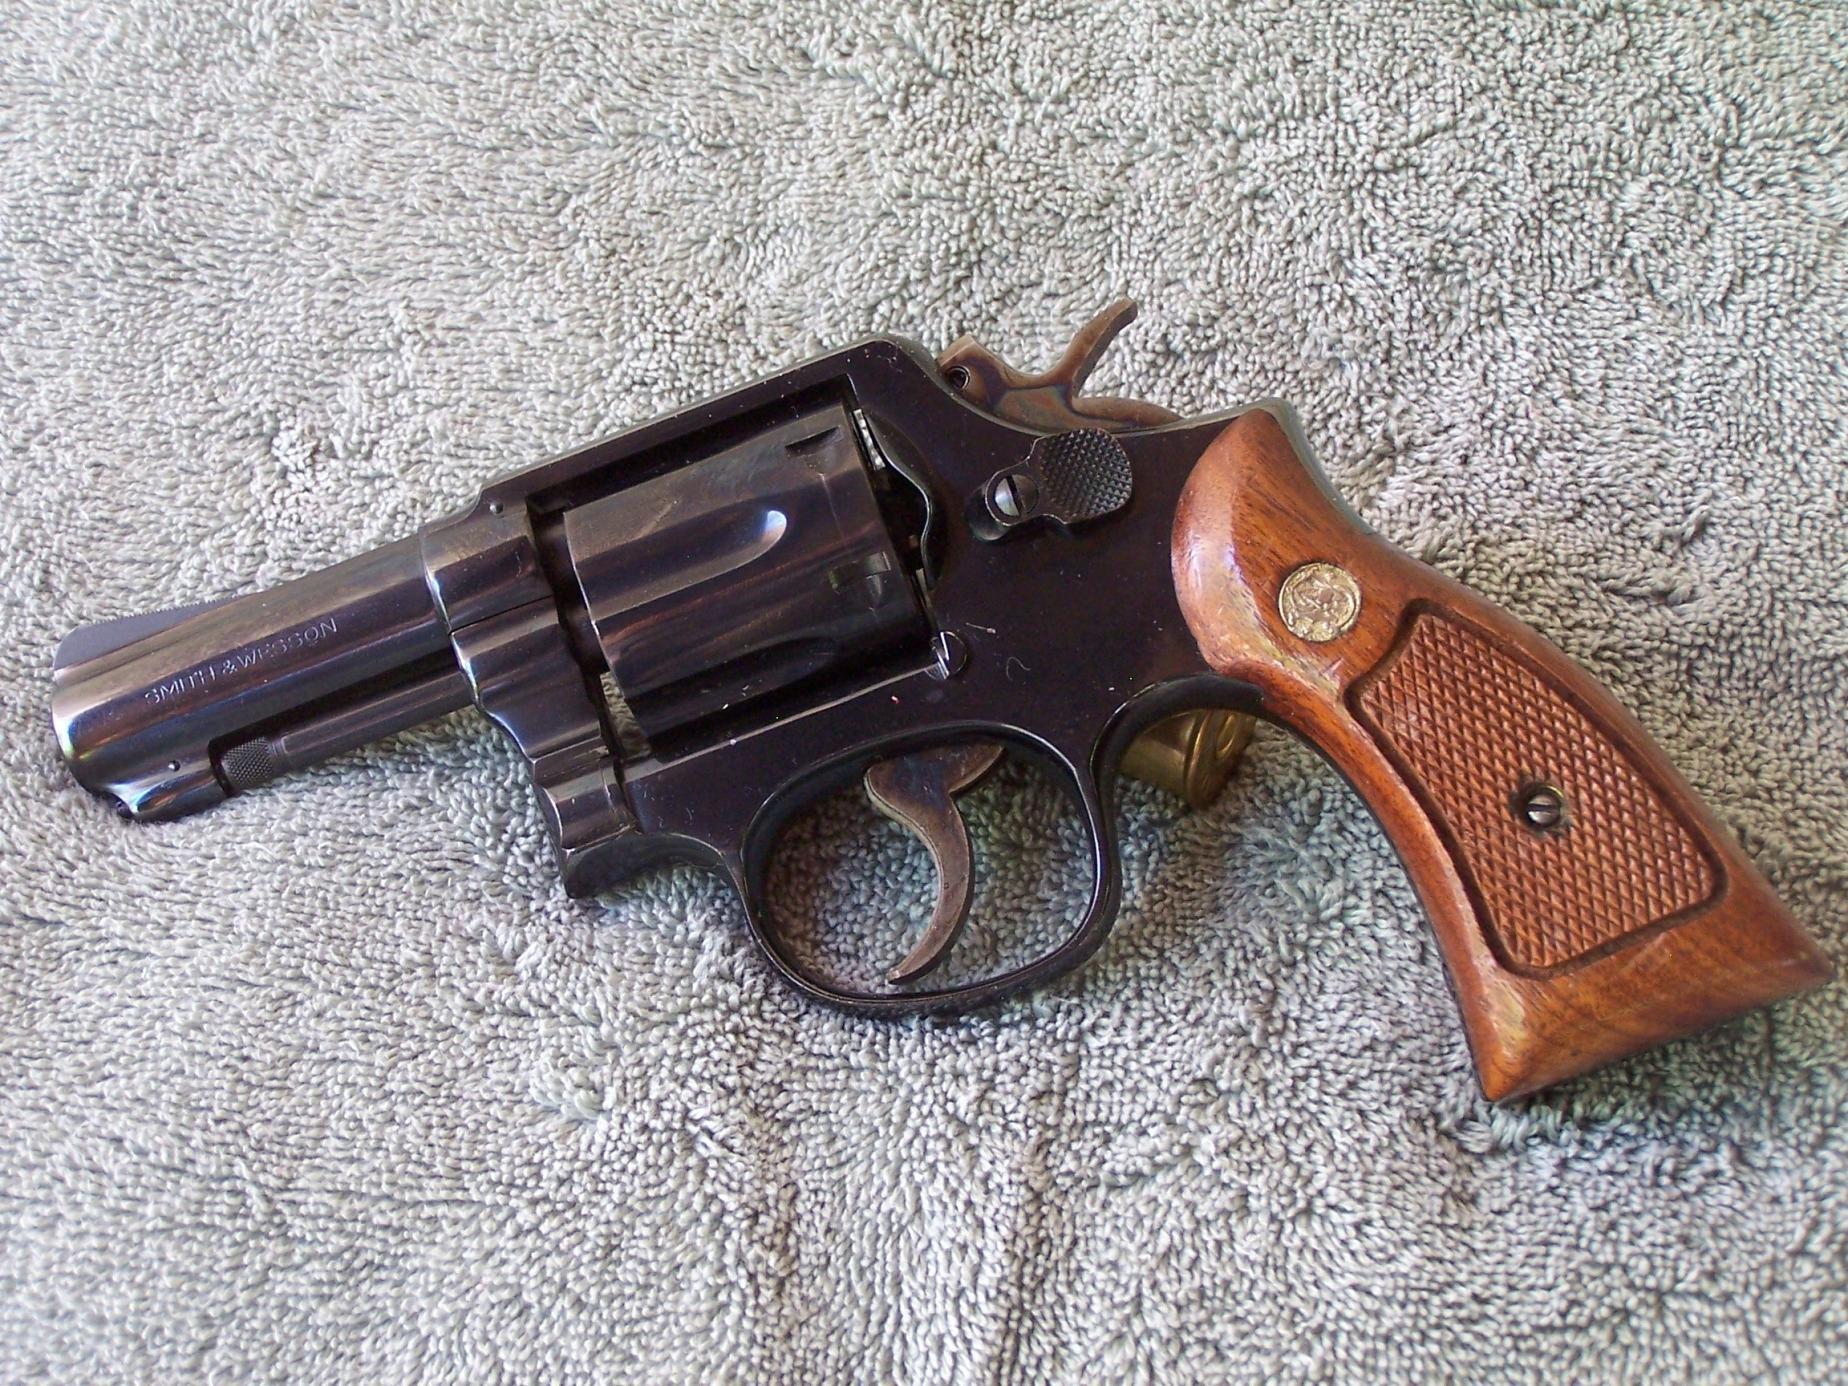 Revolver-2d09881.jpg